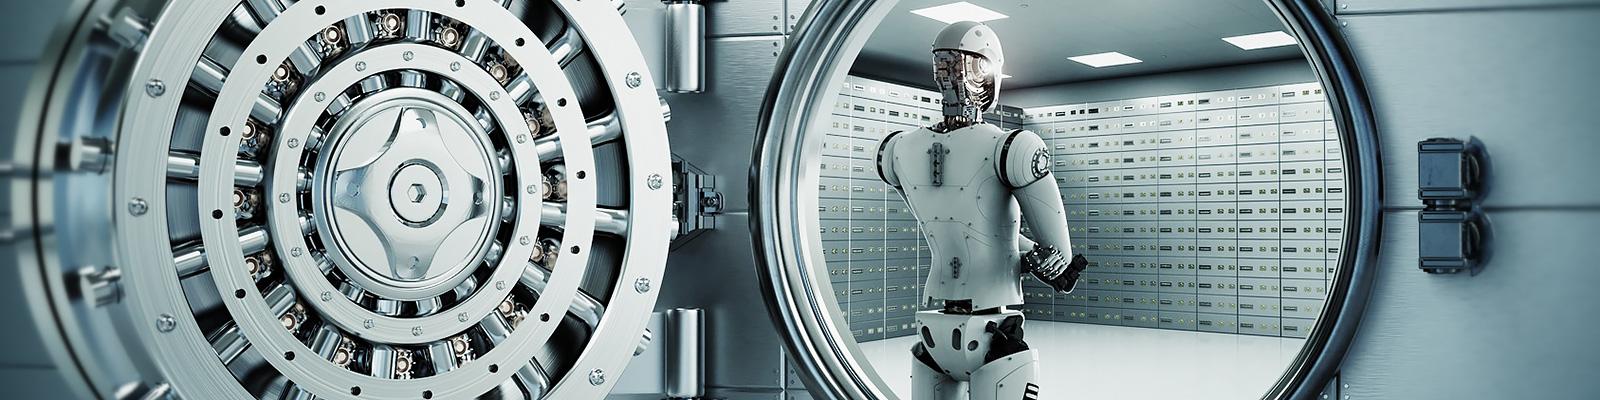 銀行 ロボット イメージ